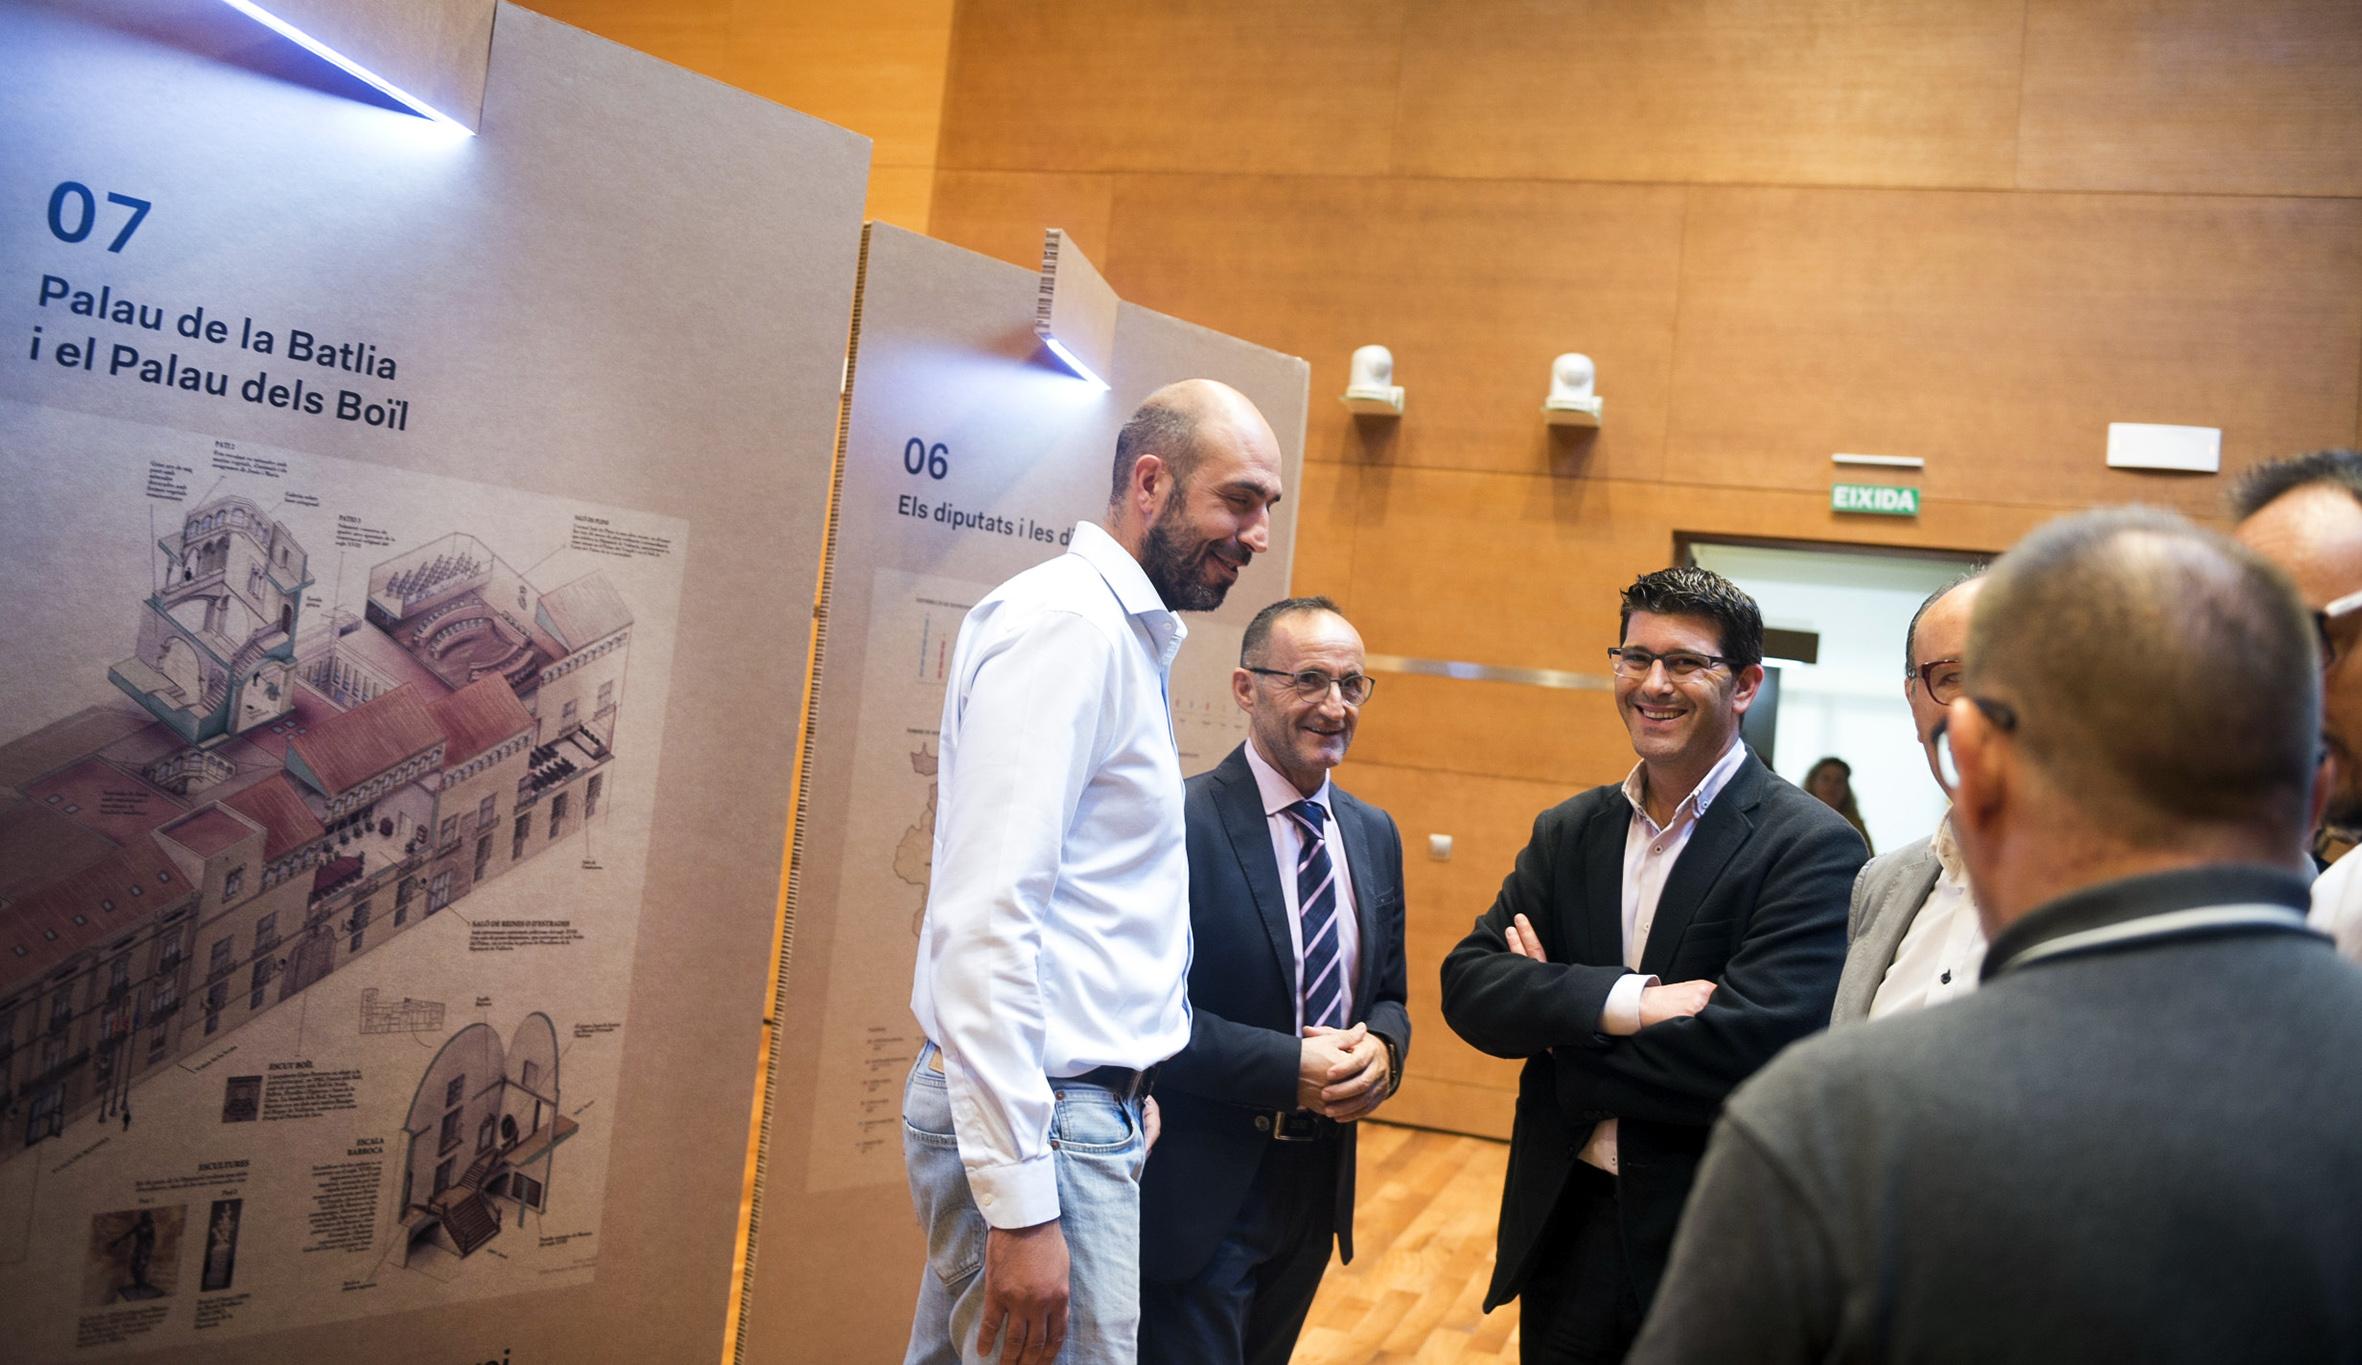 Jorge Rodríguez con los diputados Bartolomé Nofuentes y Pablo Seguí en la exposición 'Coneix la Diputació'.